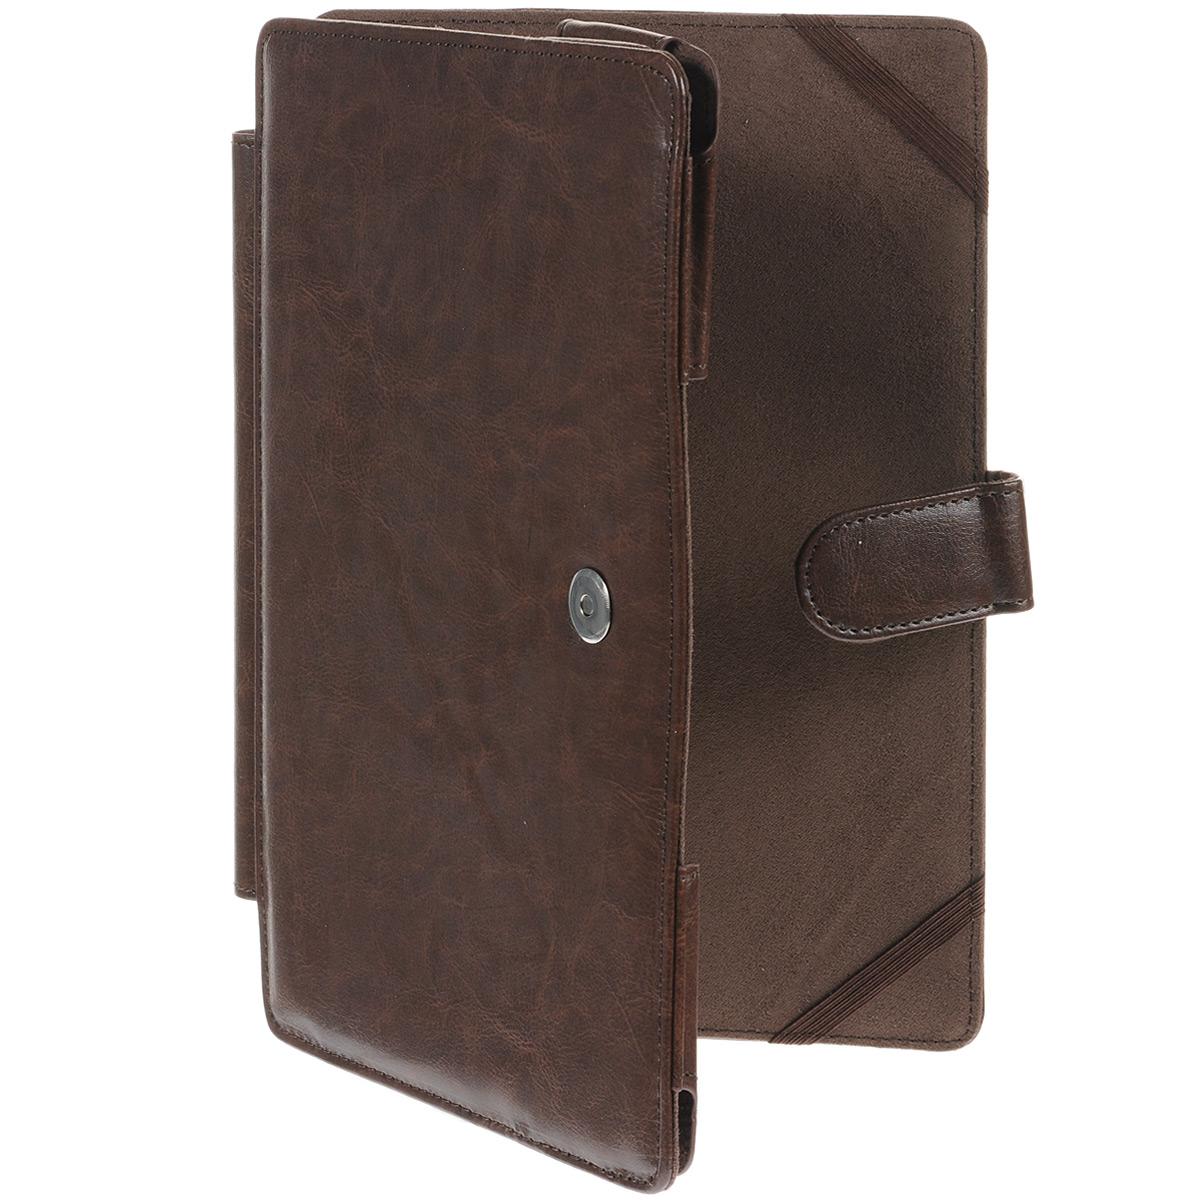 IT Baggage чехол с секцией для клавиатуры для Asus TF701/TF700, BrownITASTF704-2Чехол IT Baggage предназначен для планшетов ASUS TransformerTF701/TF700. Обложка хорошо защищает поверхность экрана от механического повреждения. Он предохранит ваш планшетный компьютер от царапин, жирных рук, пятен, которые бывает не всегда просто отмыть. Чехол весьма долговечен и практичен.